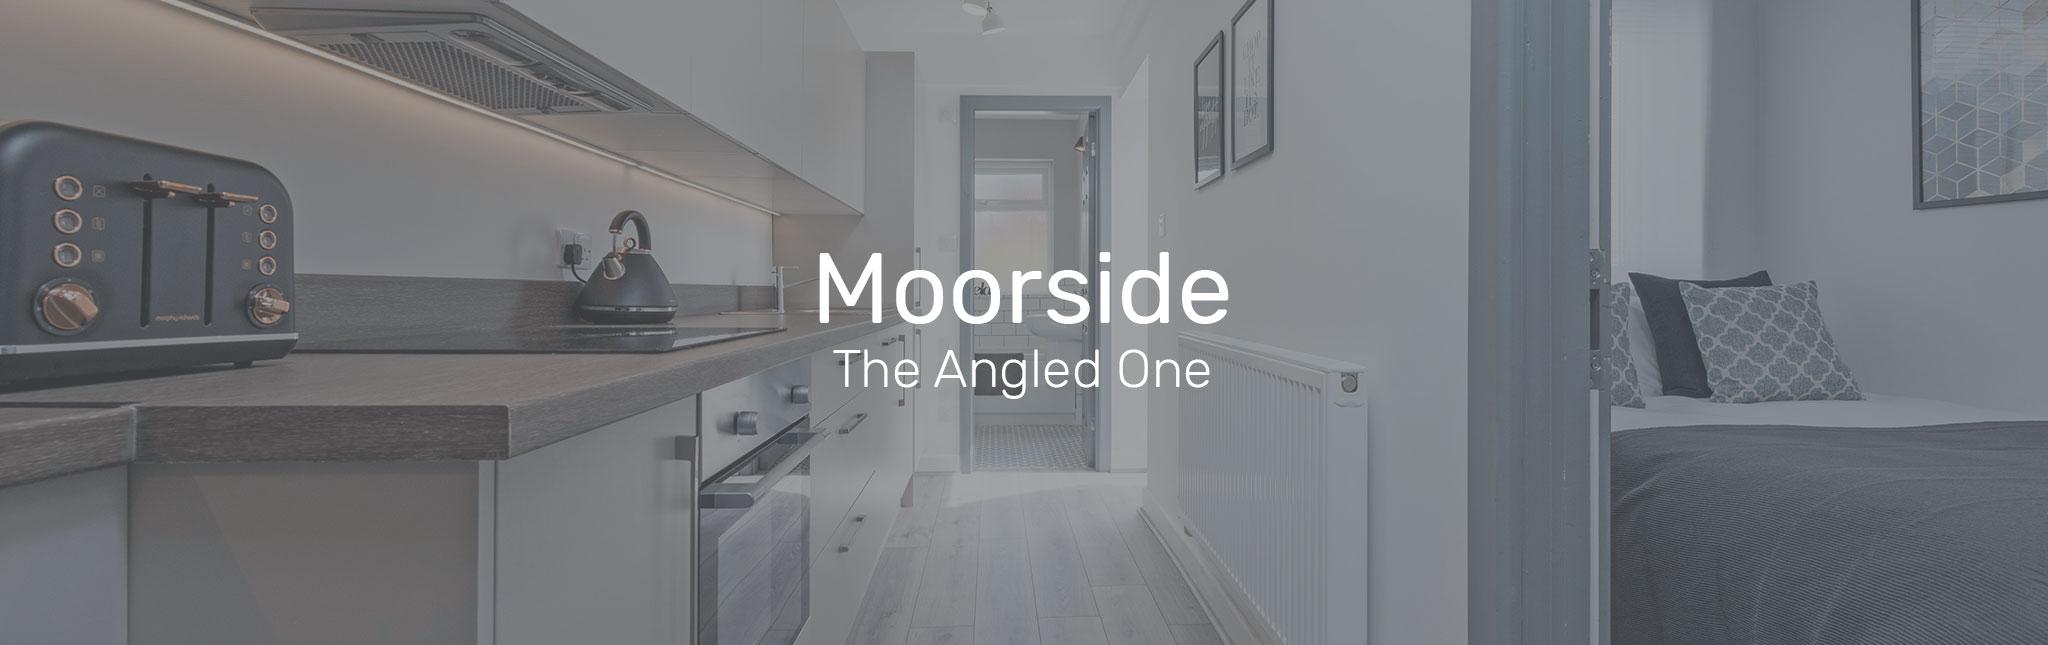 HMO 3 Moorside